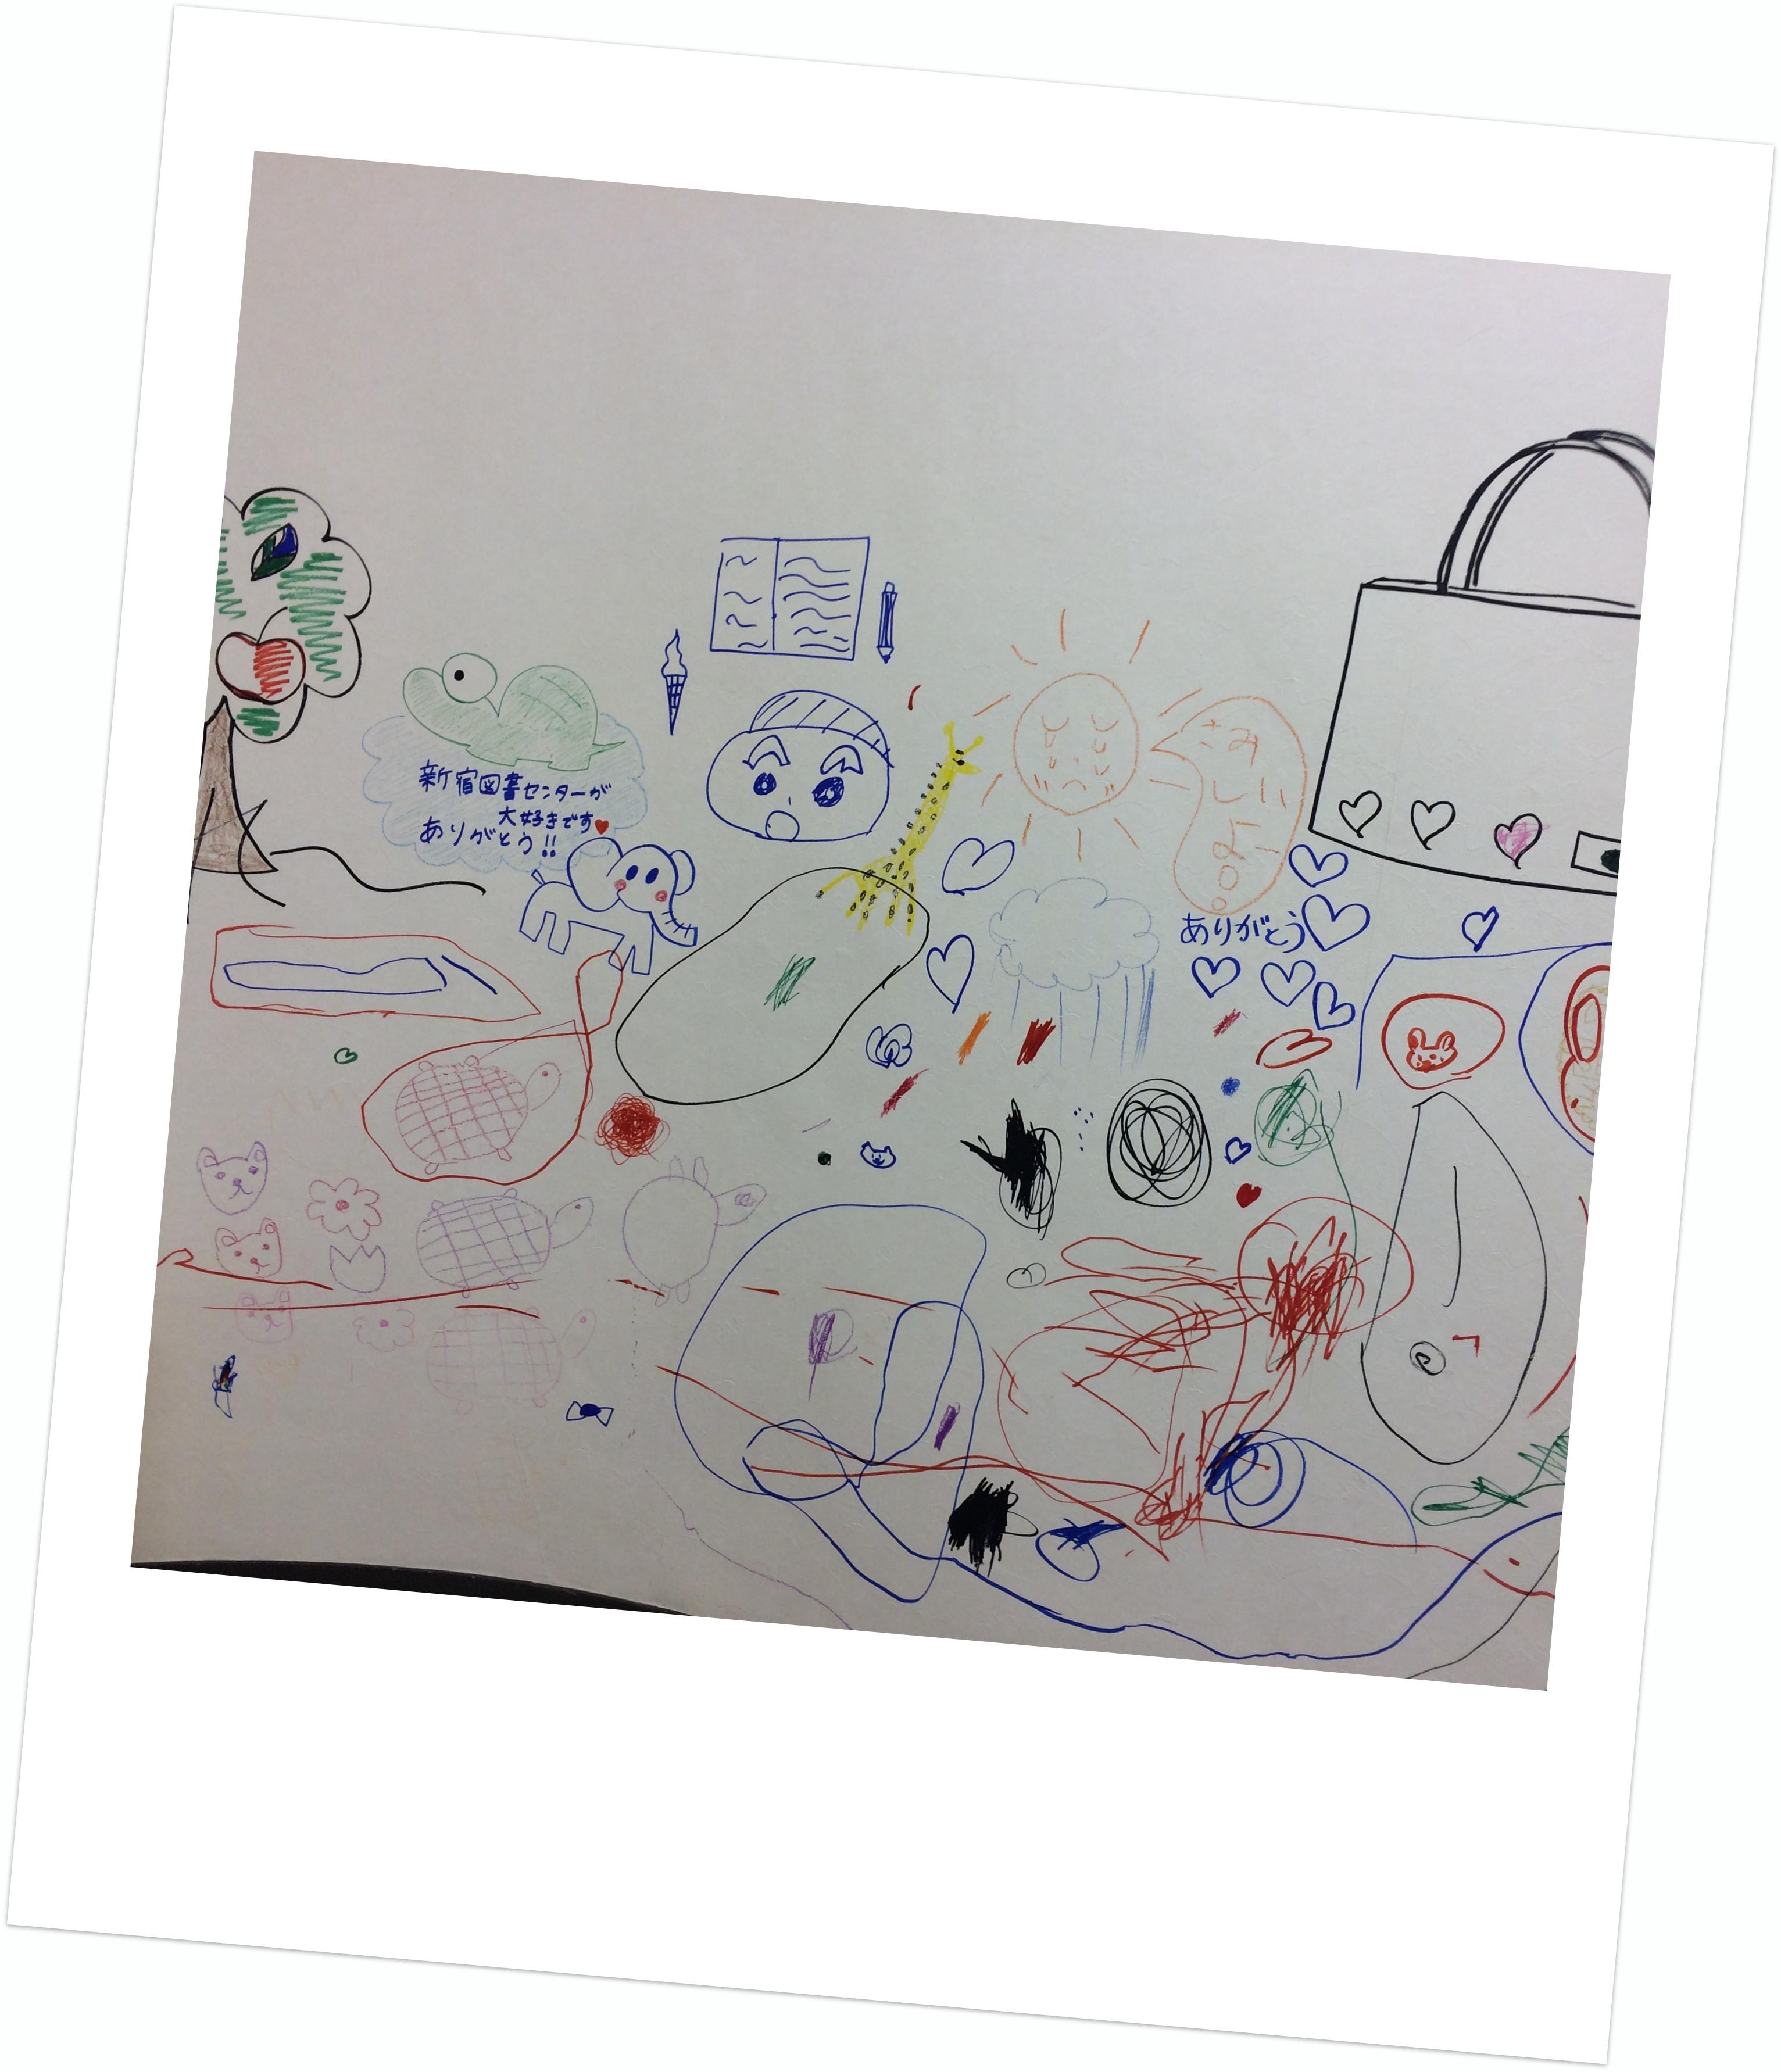 葛飾区立新宿図書センターおはなし室にお絵描き1